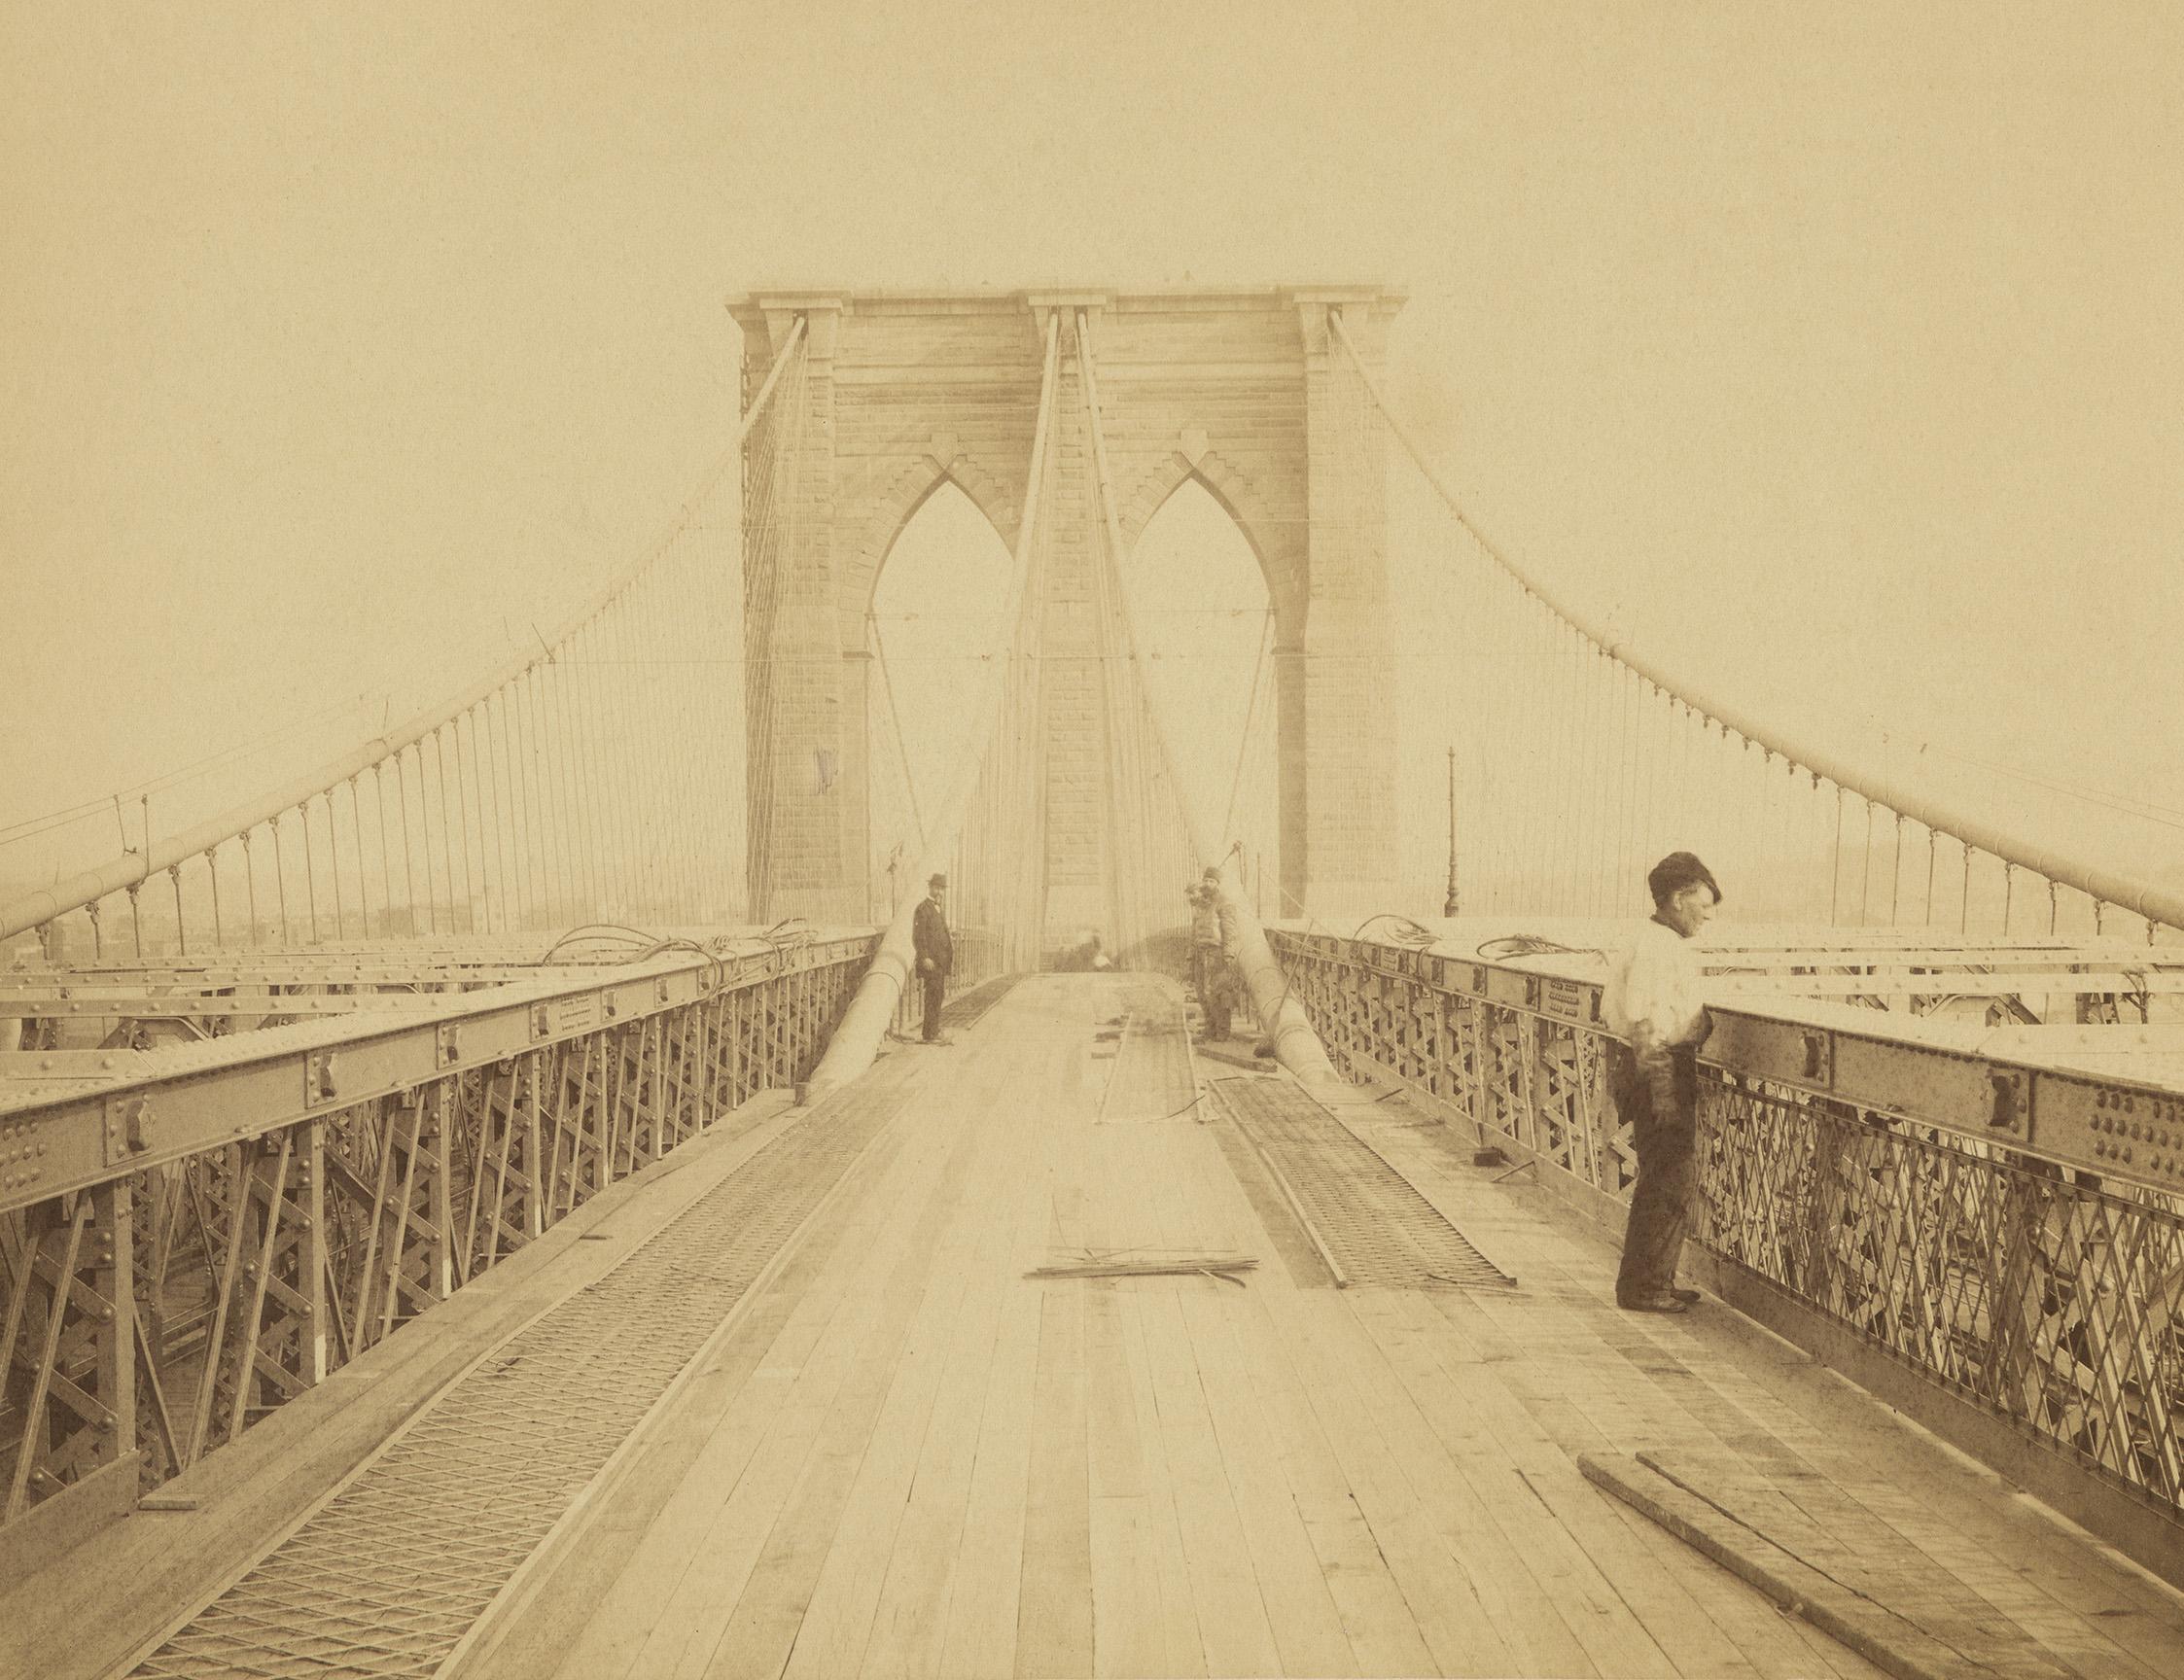 Brooklyn Bridge, ca. 1882-1883